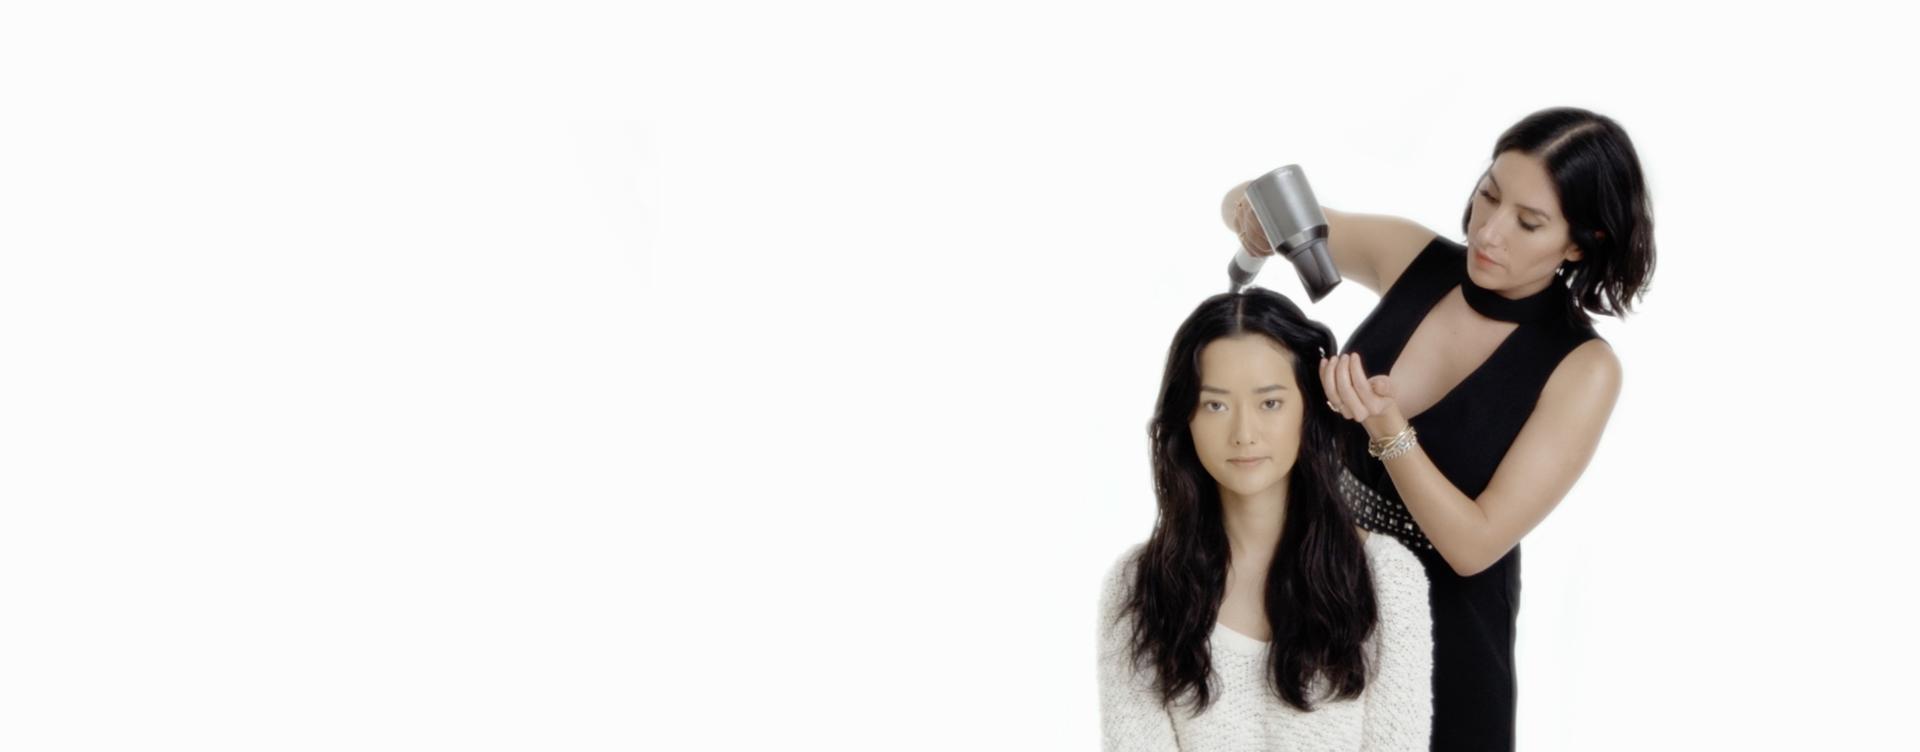 다이슨 슈퍼소닉™ 헤어드라이어 프로페셔널 에디션으로 모델을 스타일링 중인 젠 아킨(Jen Atkin)